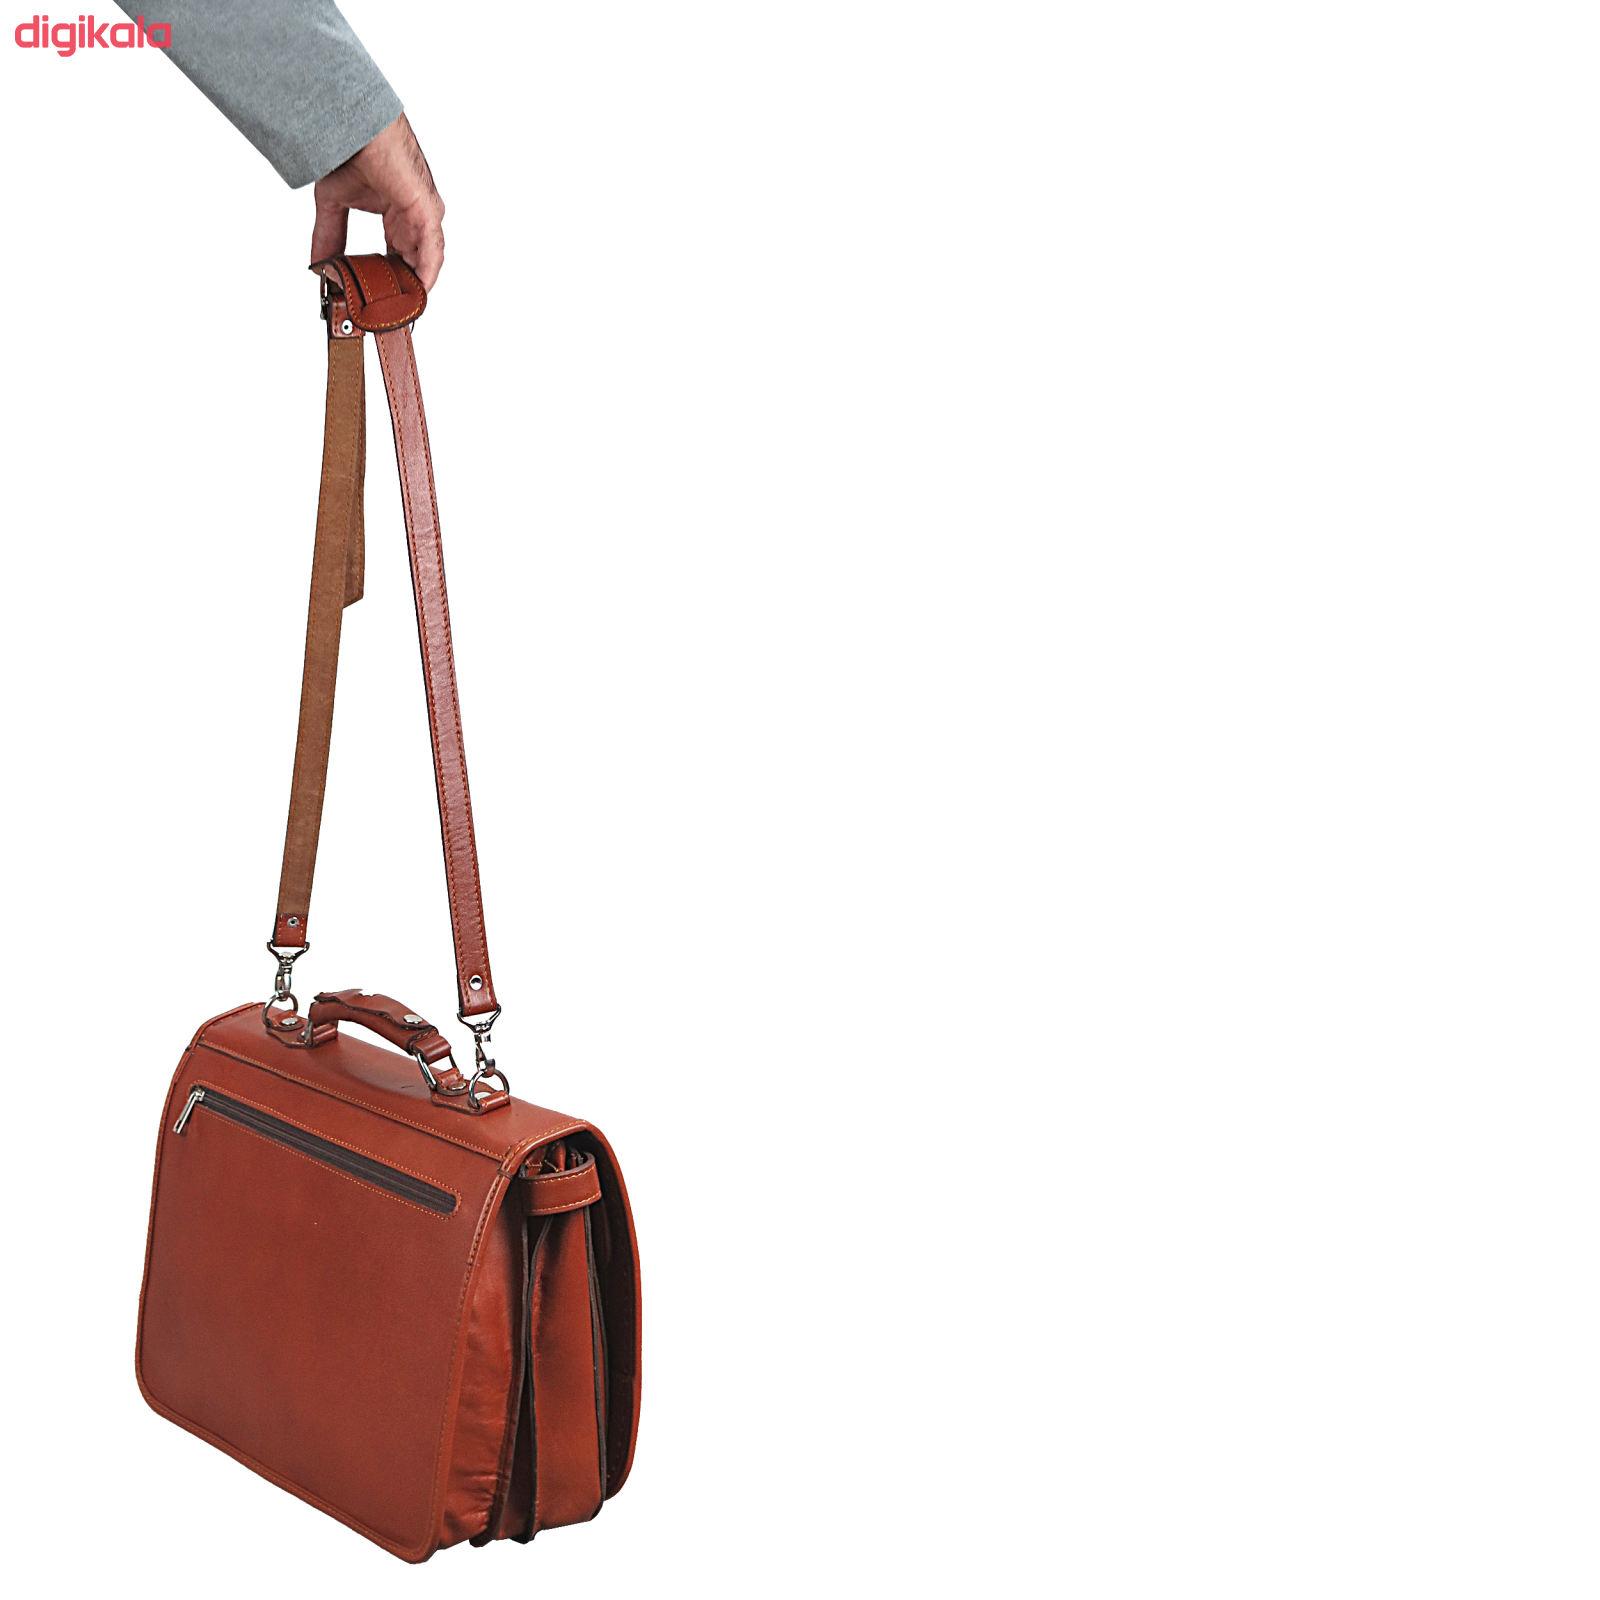 کیف اداری مردانه کد L61-1 main 1 1